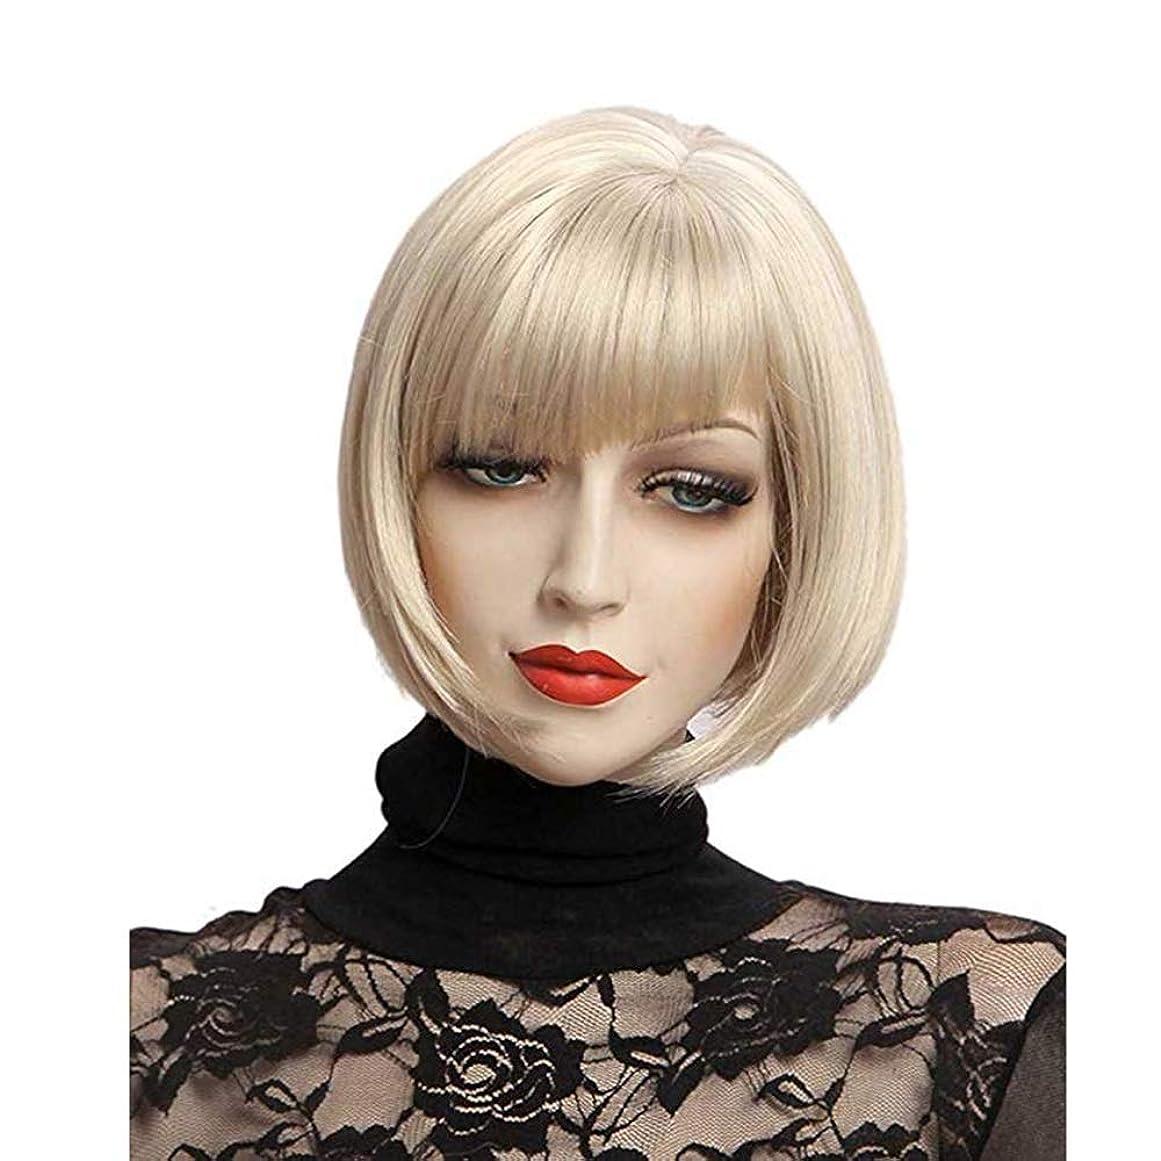 排除する行うエスカレートZXF レディースウィッグショートヘアゴールドストレートヘア斜め劉海宝波頭気質かつら 美しい